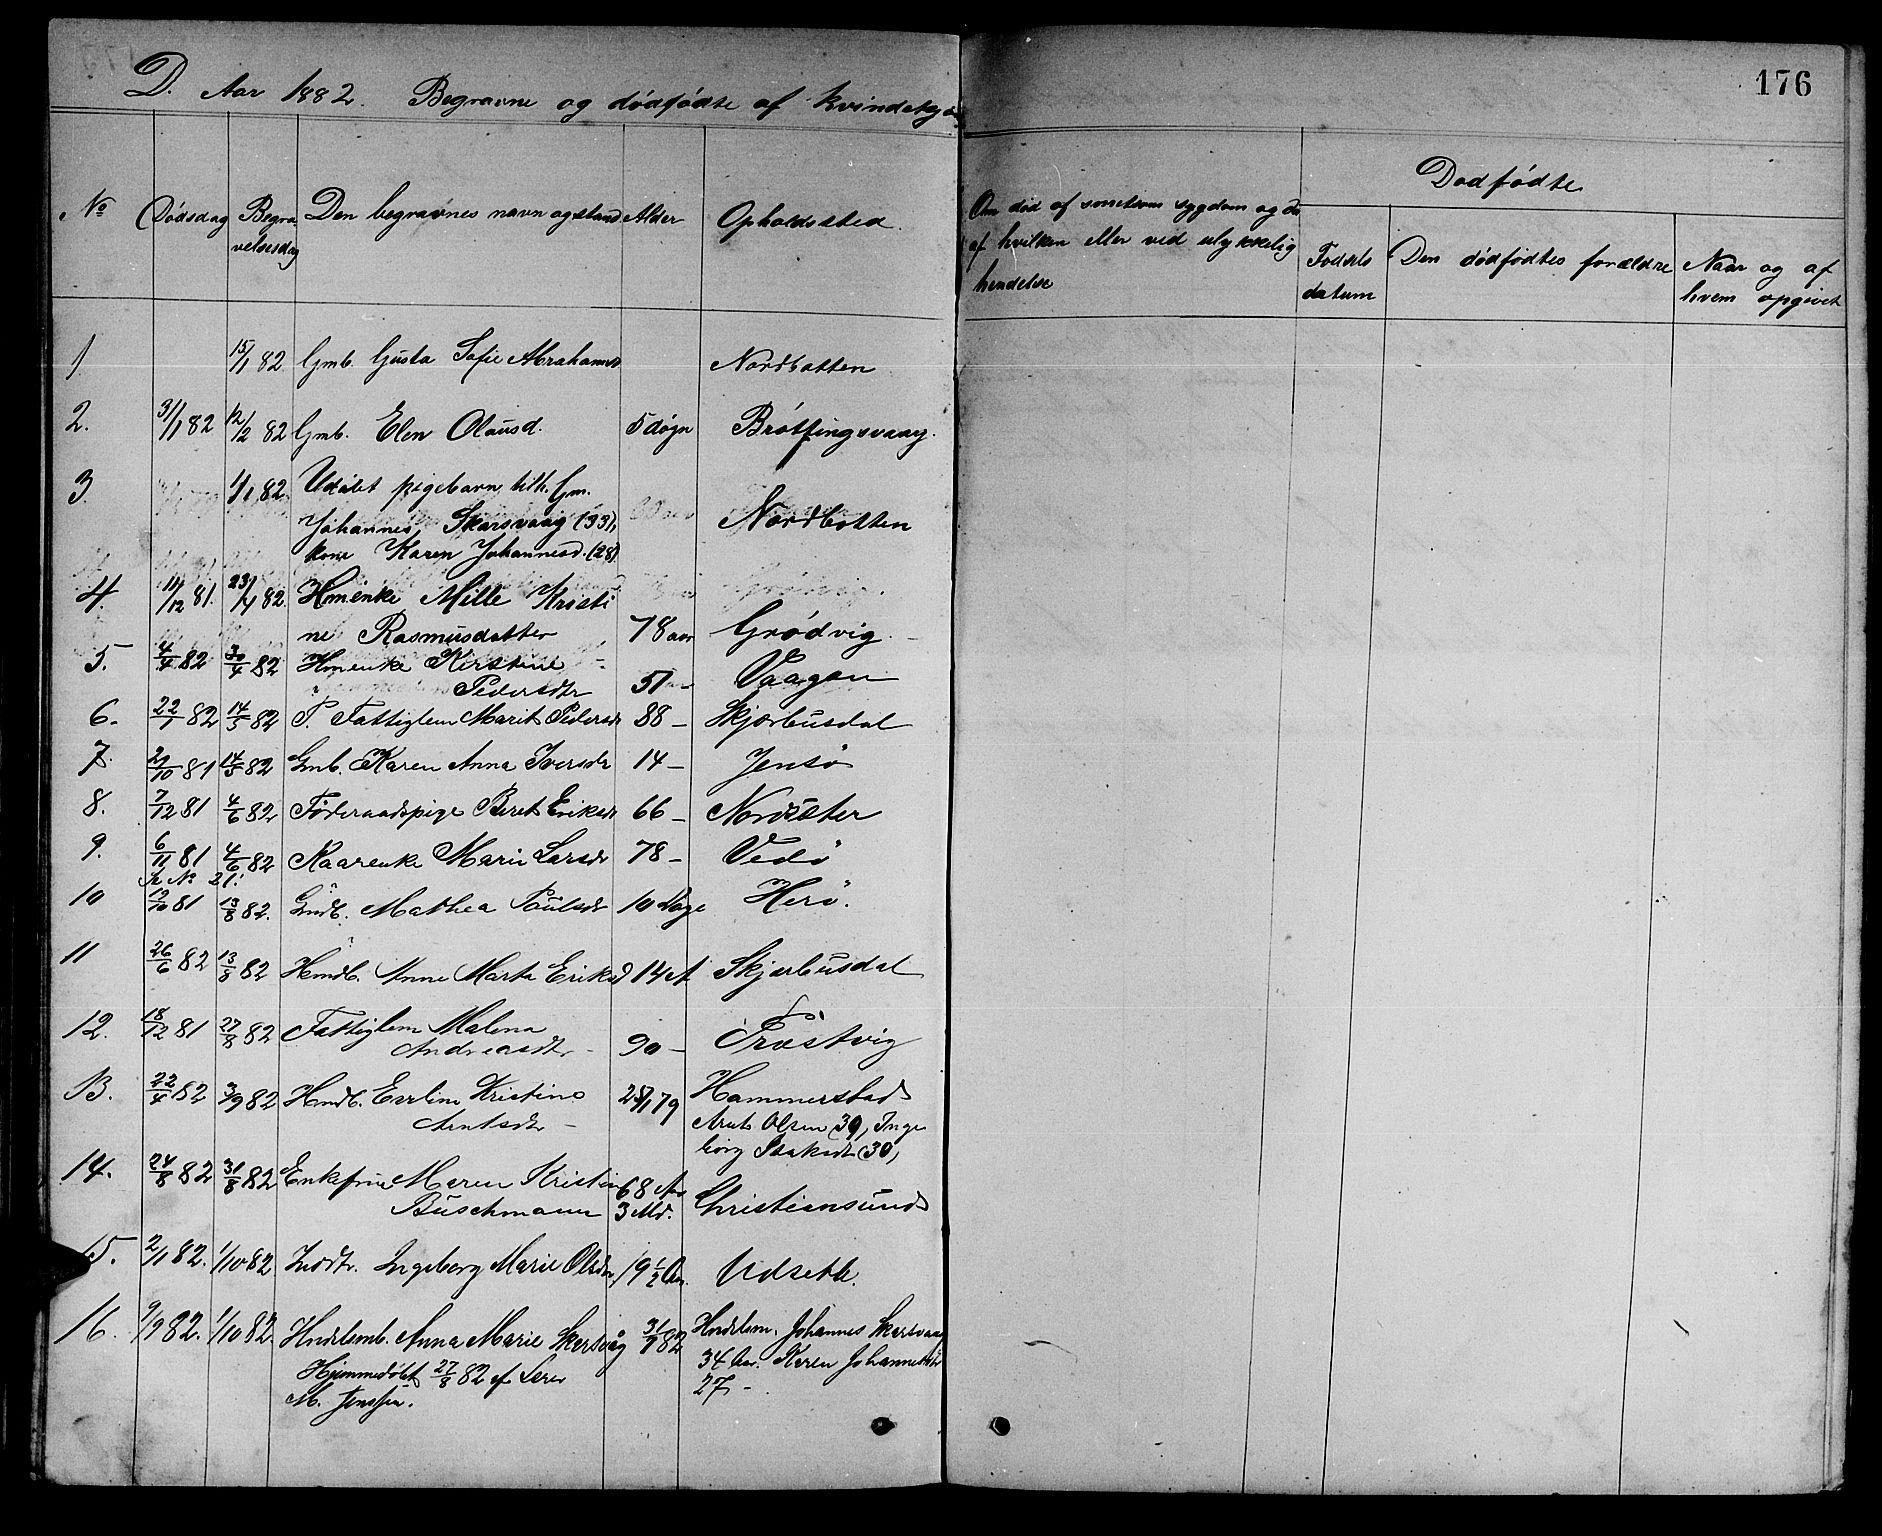 SAT, Ministerialprotokoller, klokkerbøker og fødselsregistre - Sør-Trøndelag, 637/L0561: Klokkerbok nr. 637C02, 1873-1882, s. 176